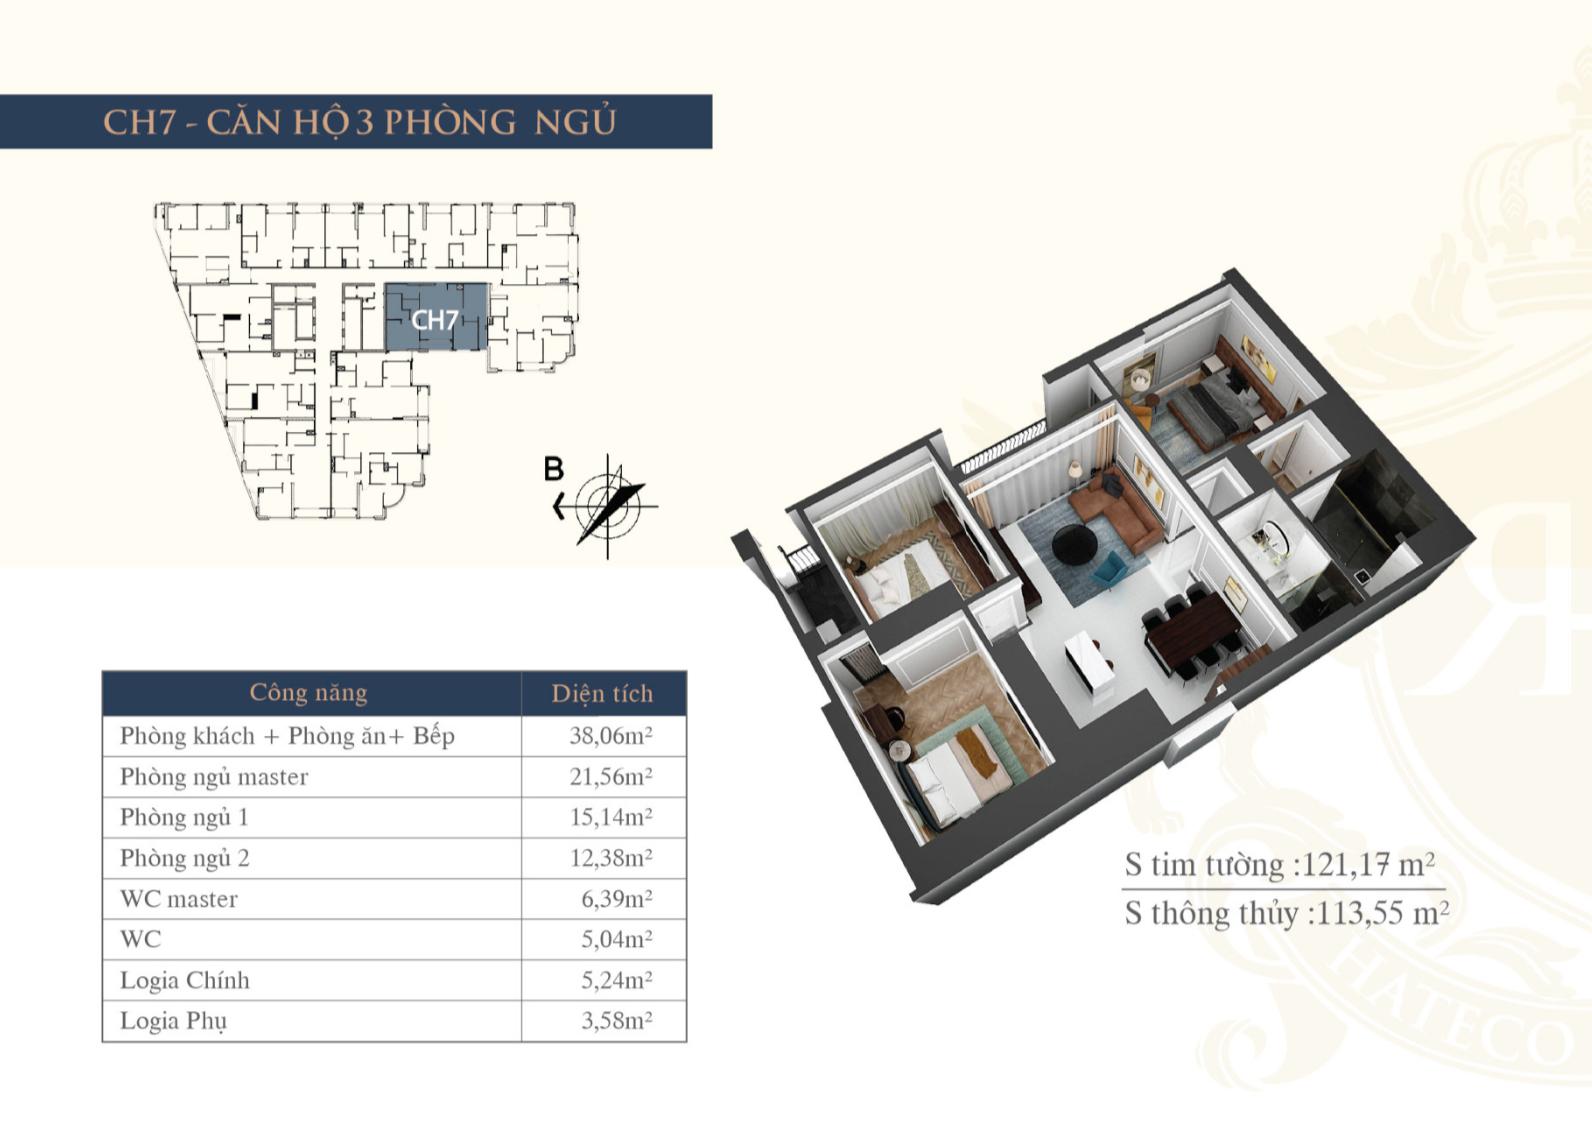 Chi tiết căn hộ chung cư Hateco La Roma - CH7